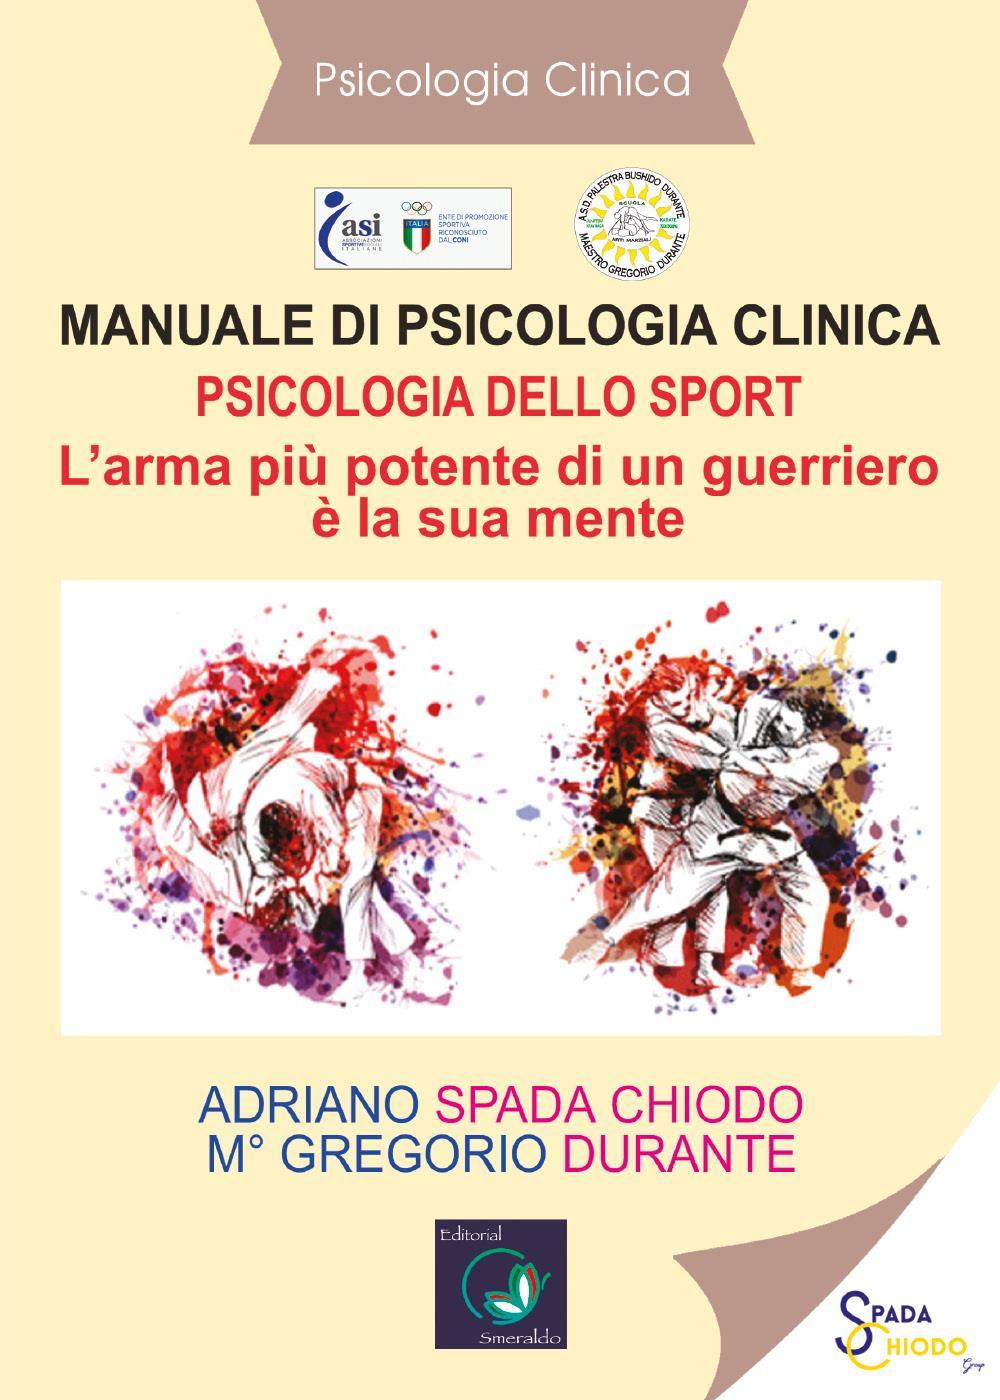 Manuale di psicologia clinica. Psicologia dello sport. L'arma più potente di un guerriero è la sua mente